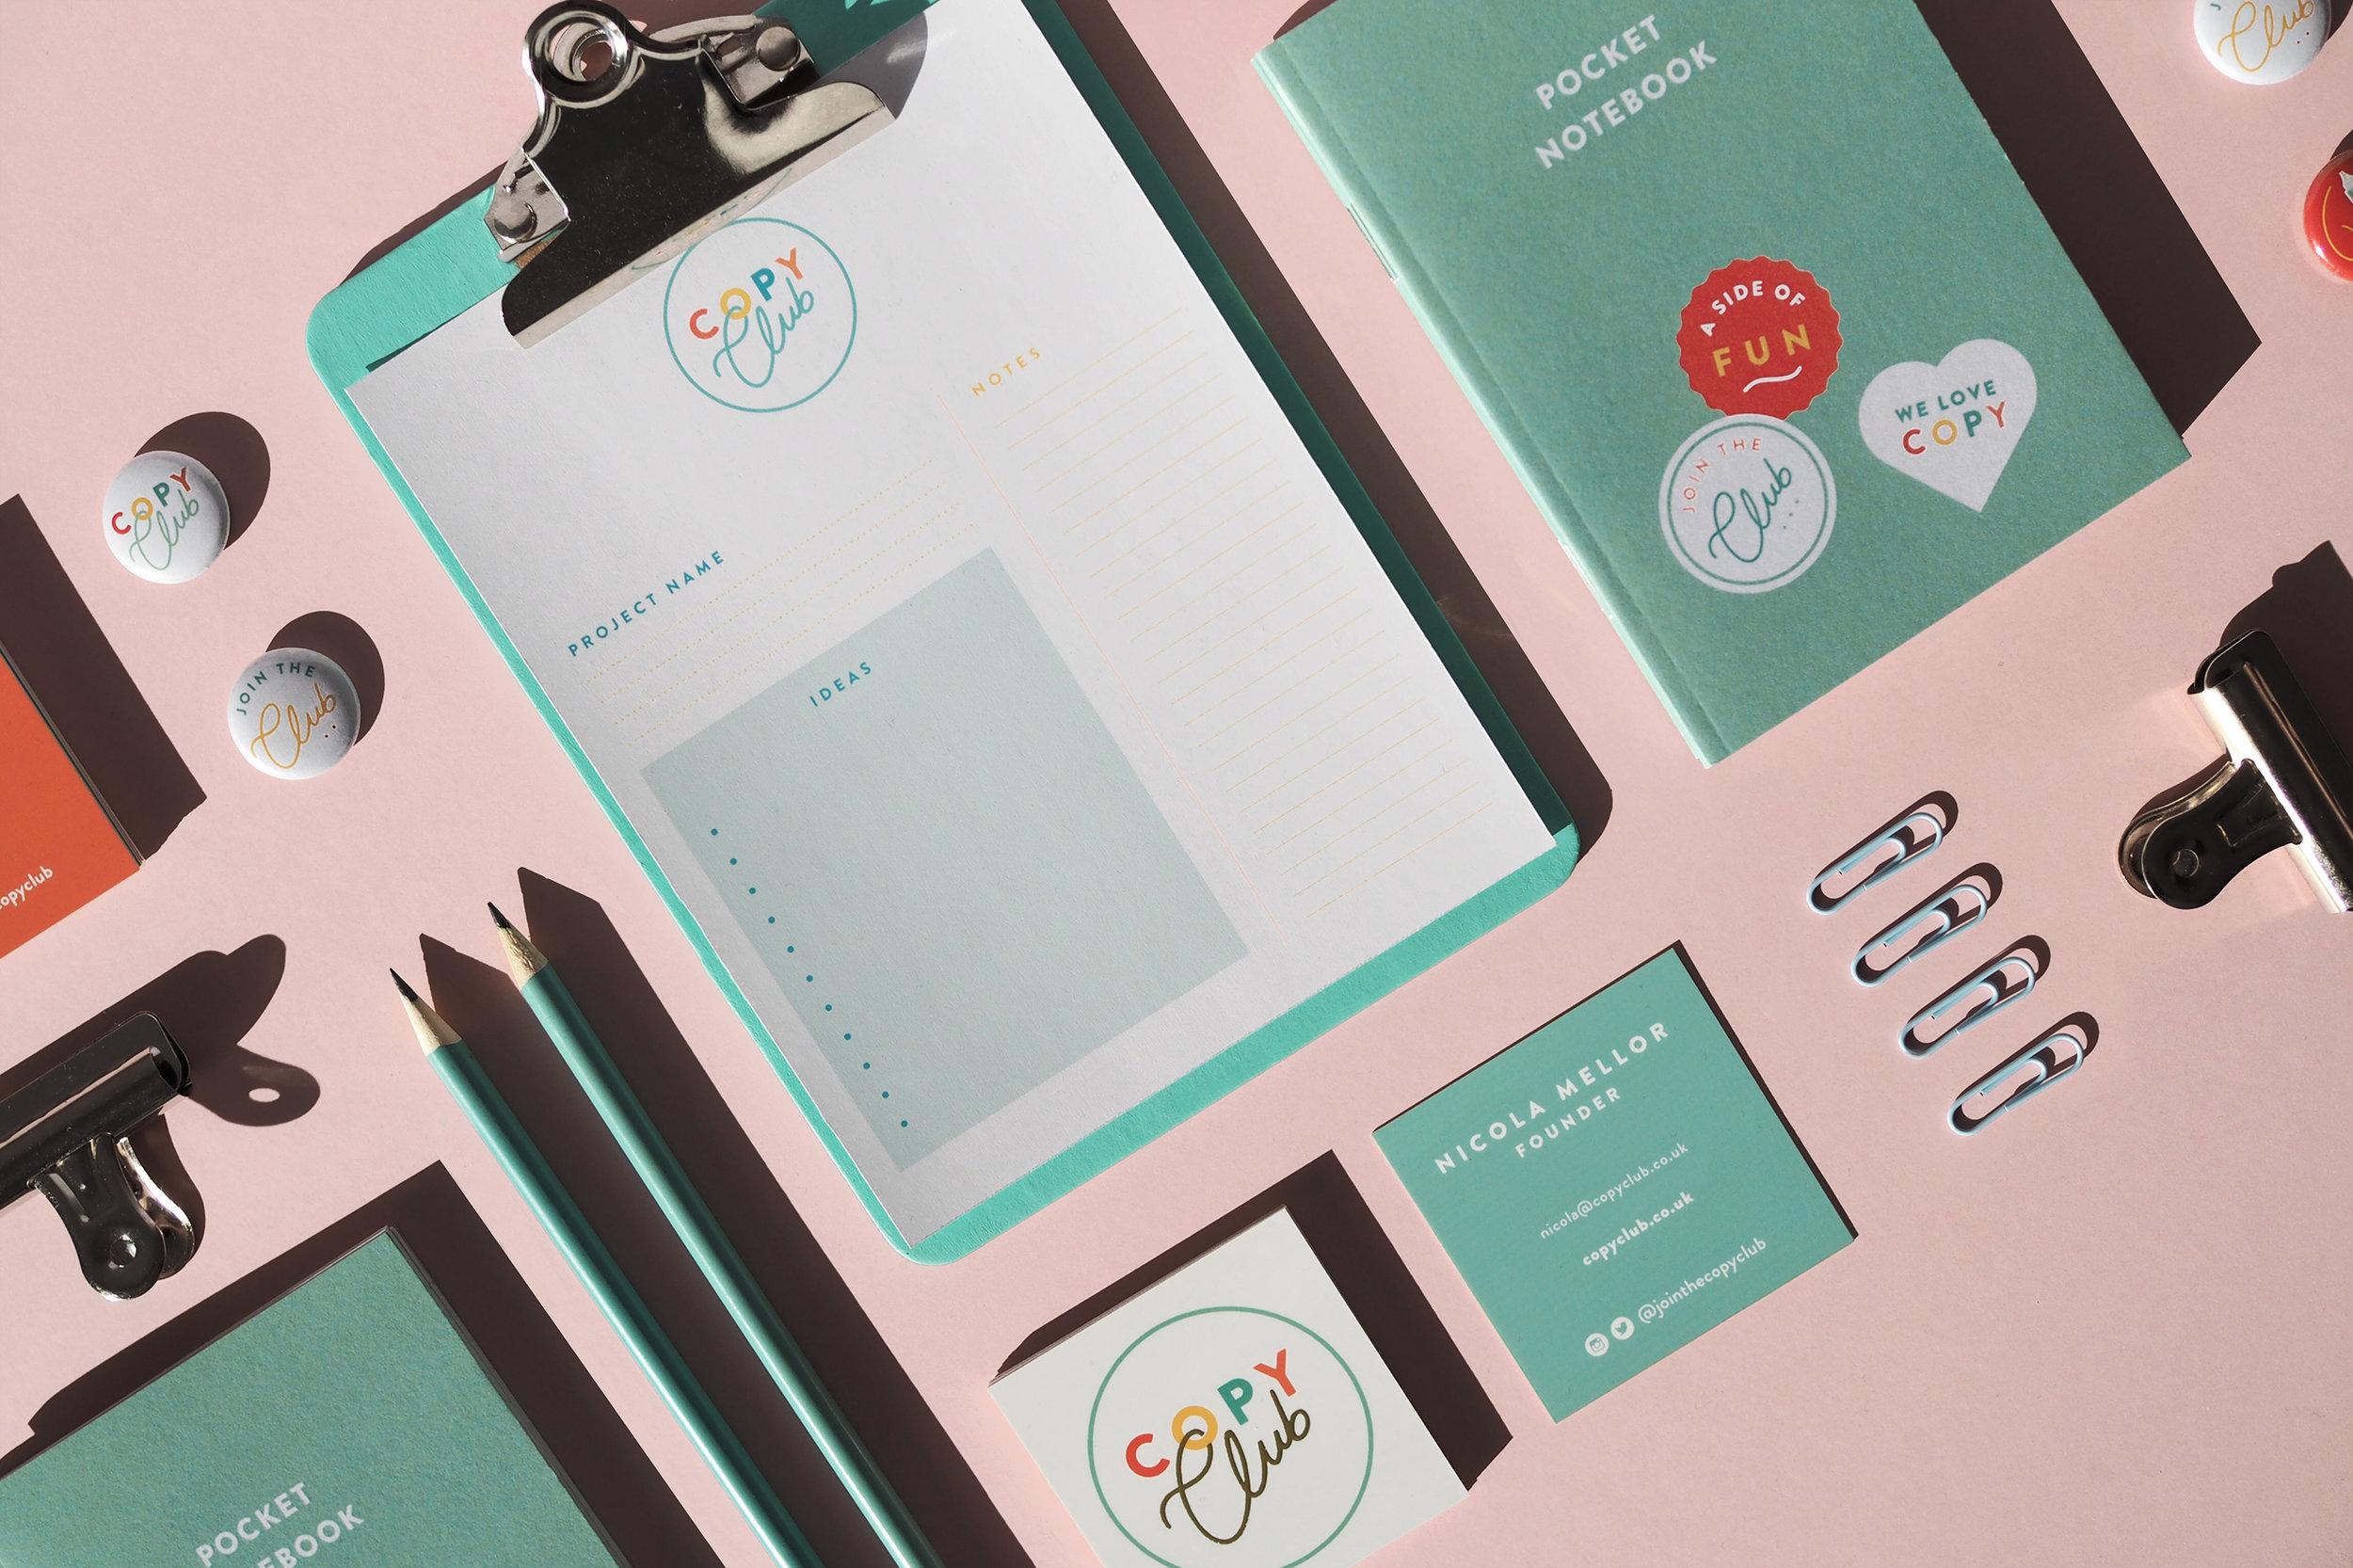 copy_club_brand_design